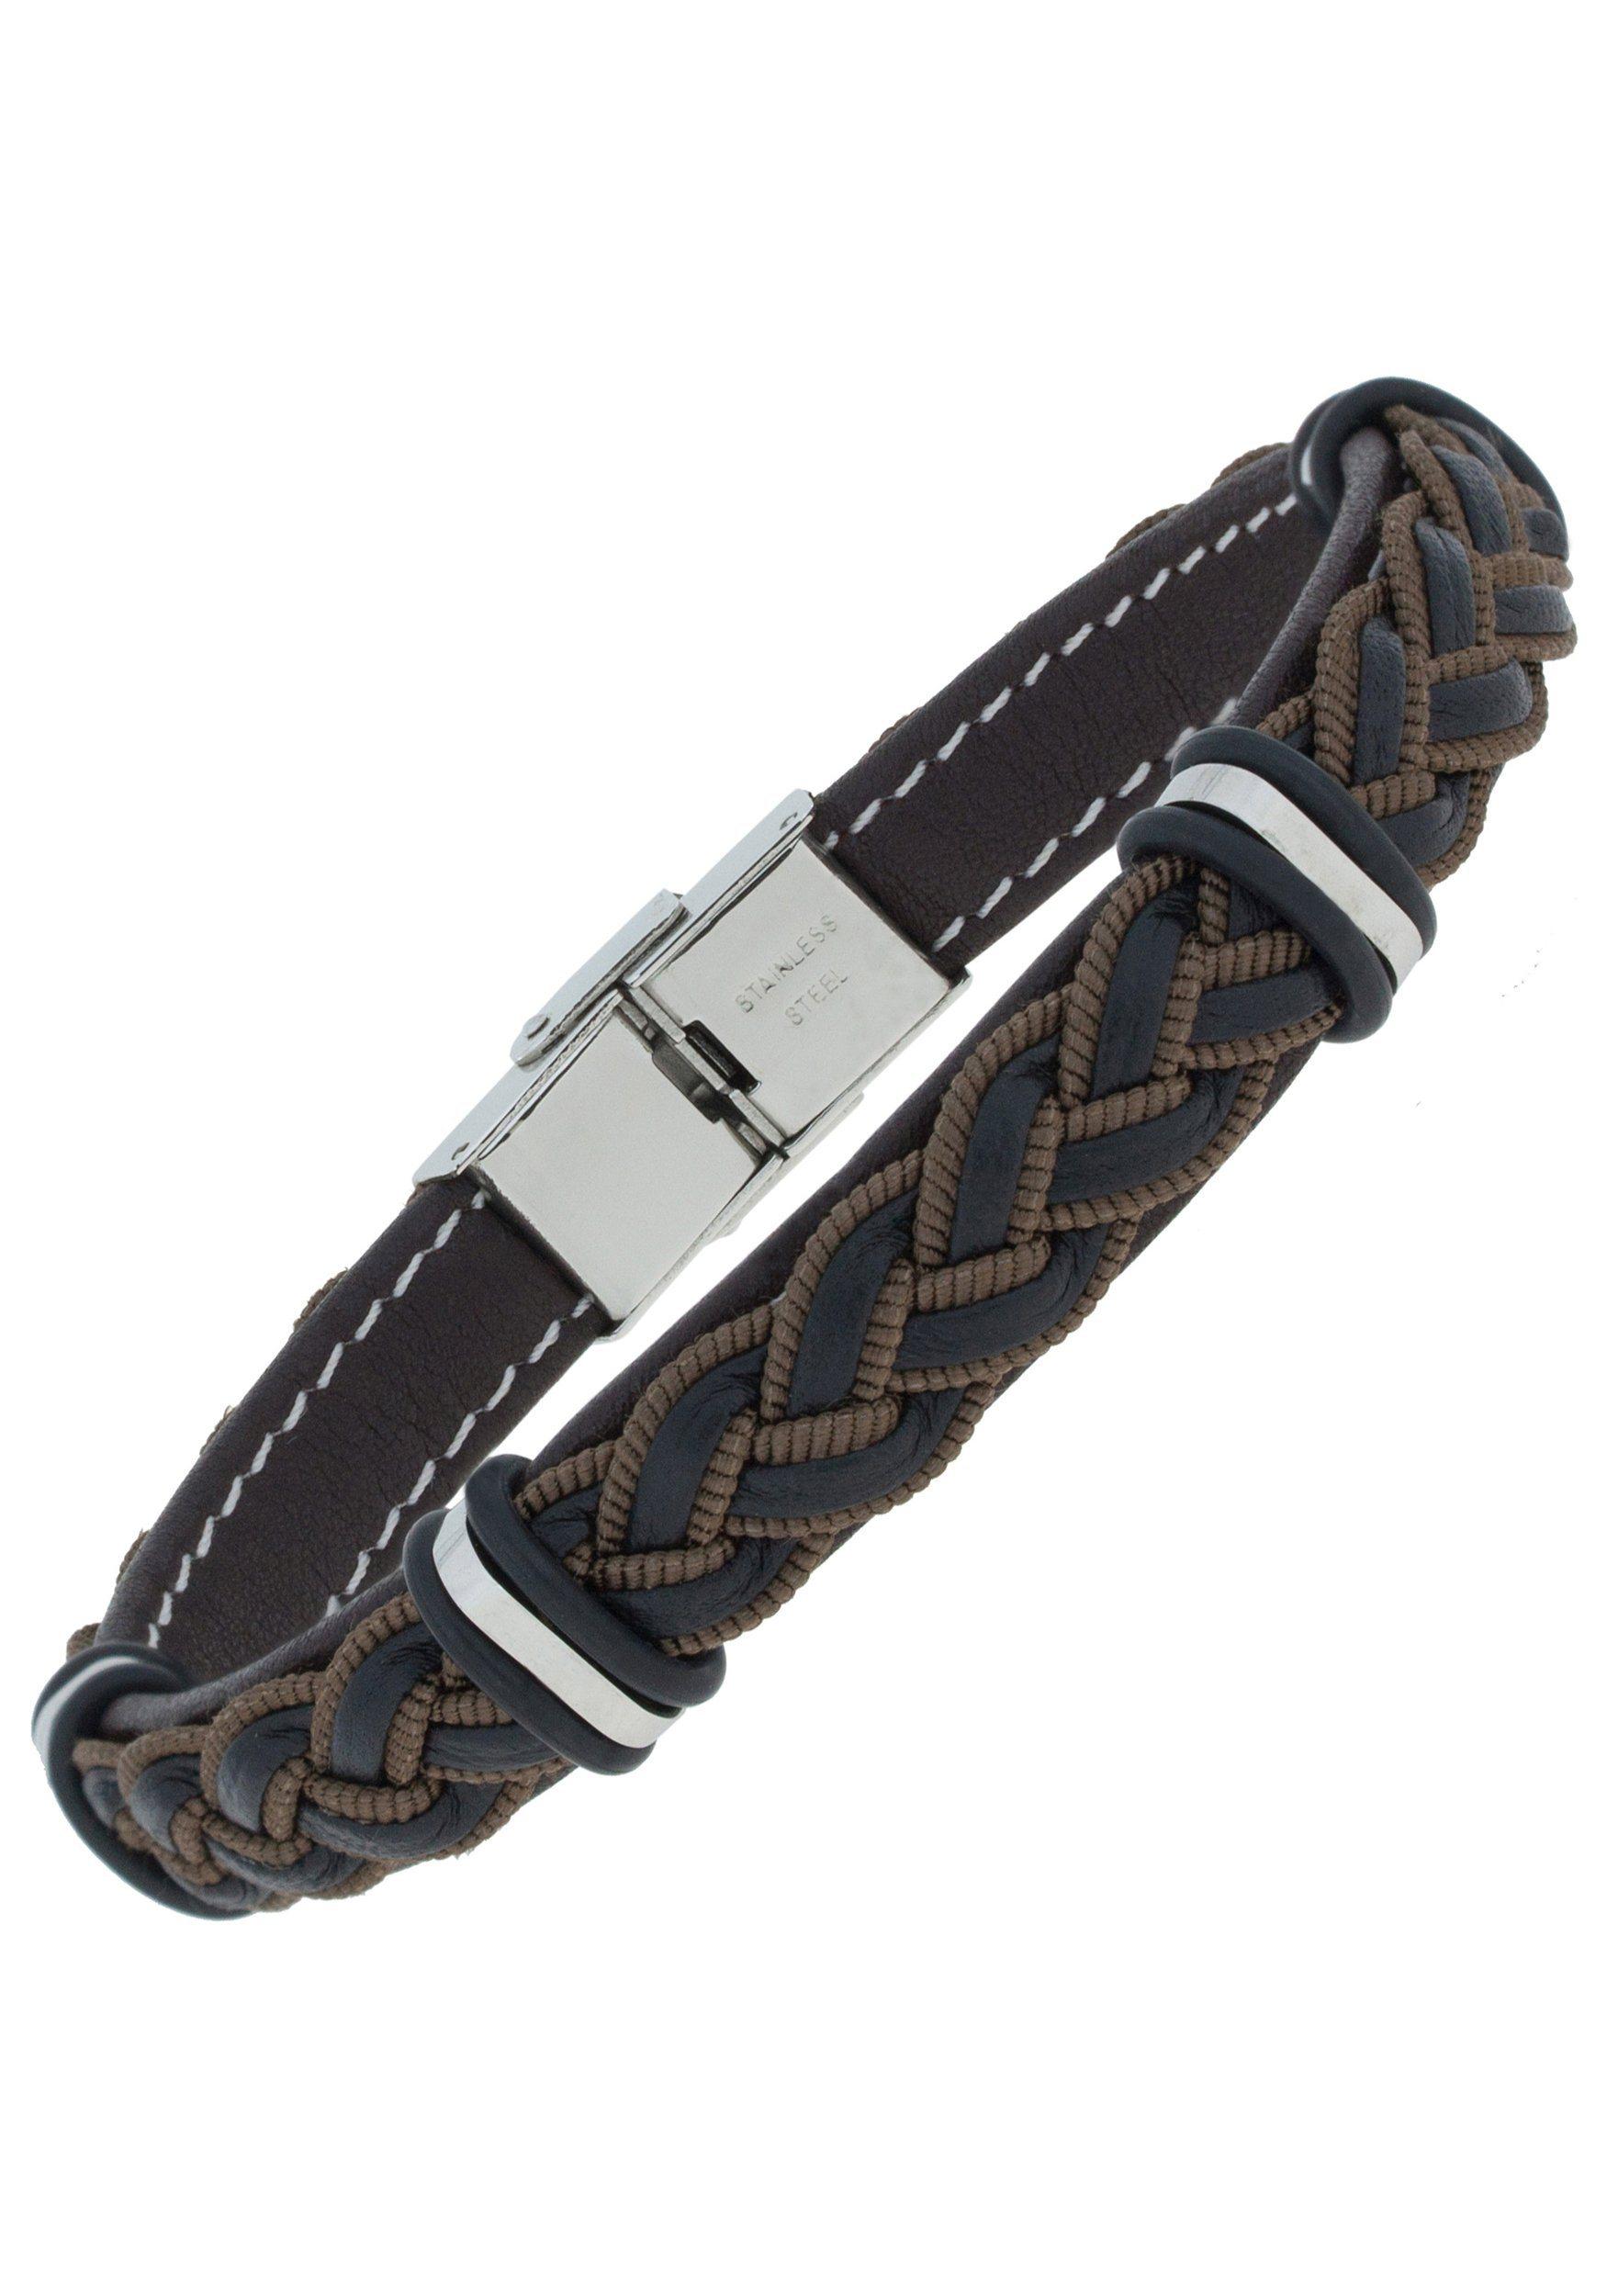 JOBO Lederarmband Edelstahl geflochten mit Edelstahl 23 cm | Schmuck > Armbänder > Lederarmbänder | JOBO